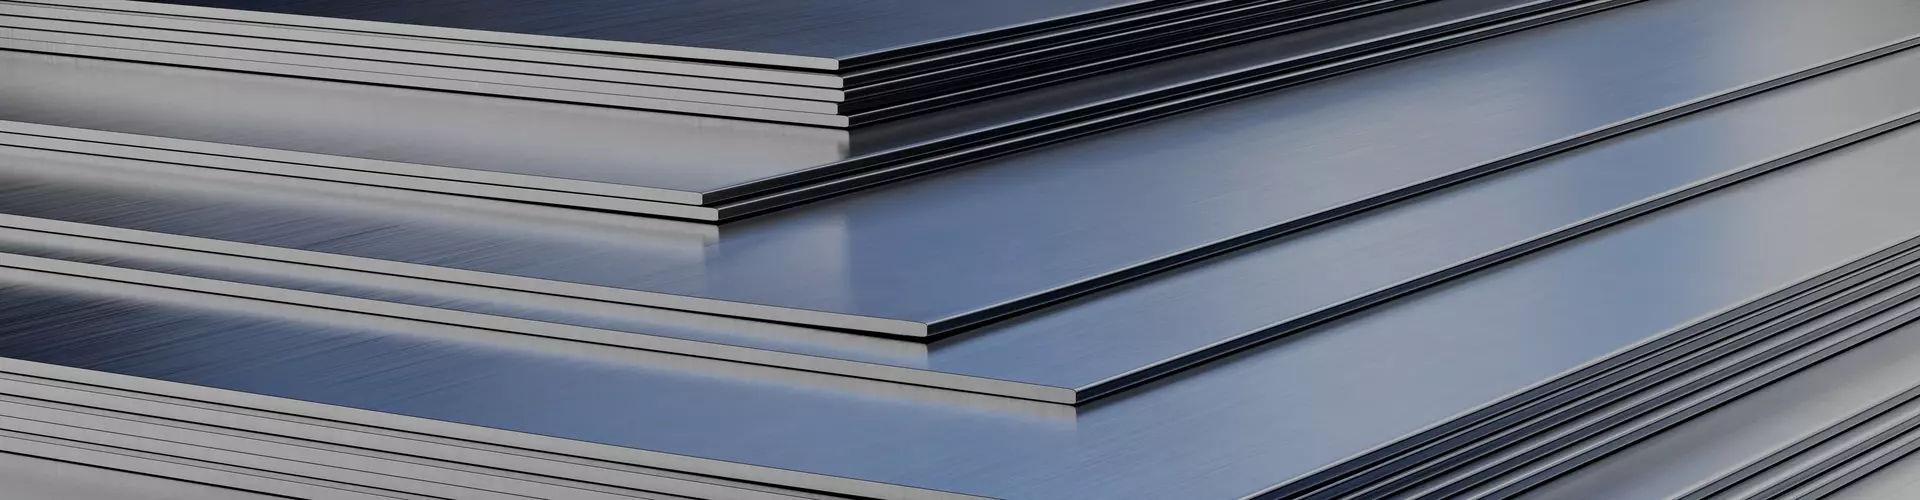 Aluminium Sheet Supplier in UAE